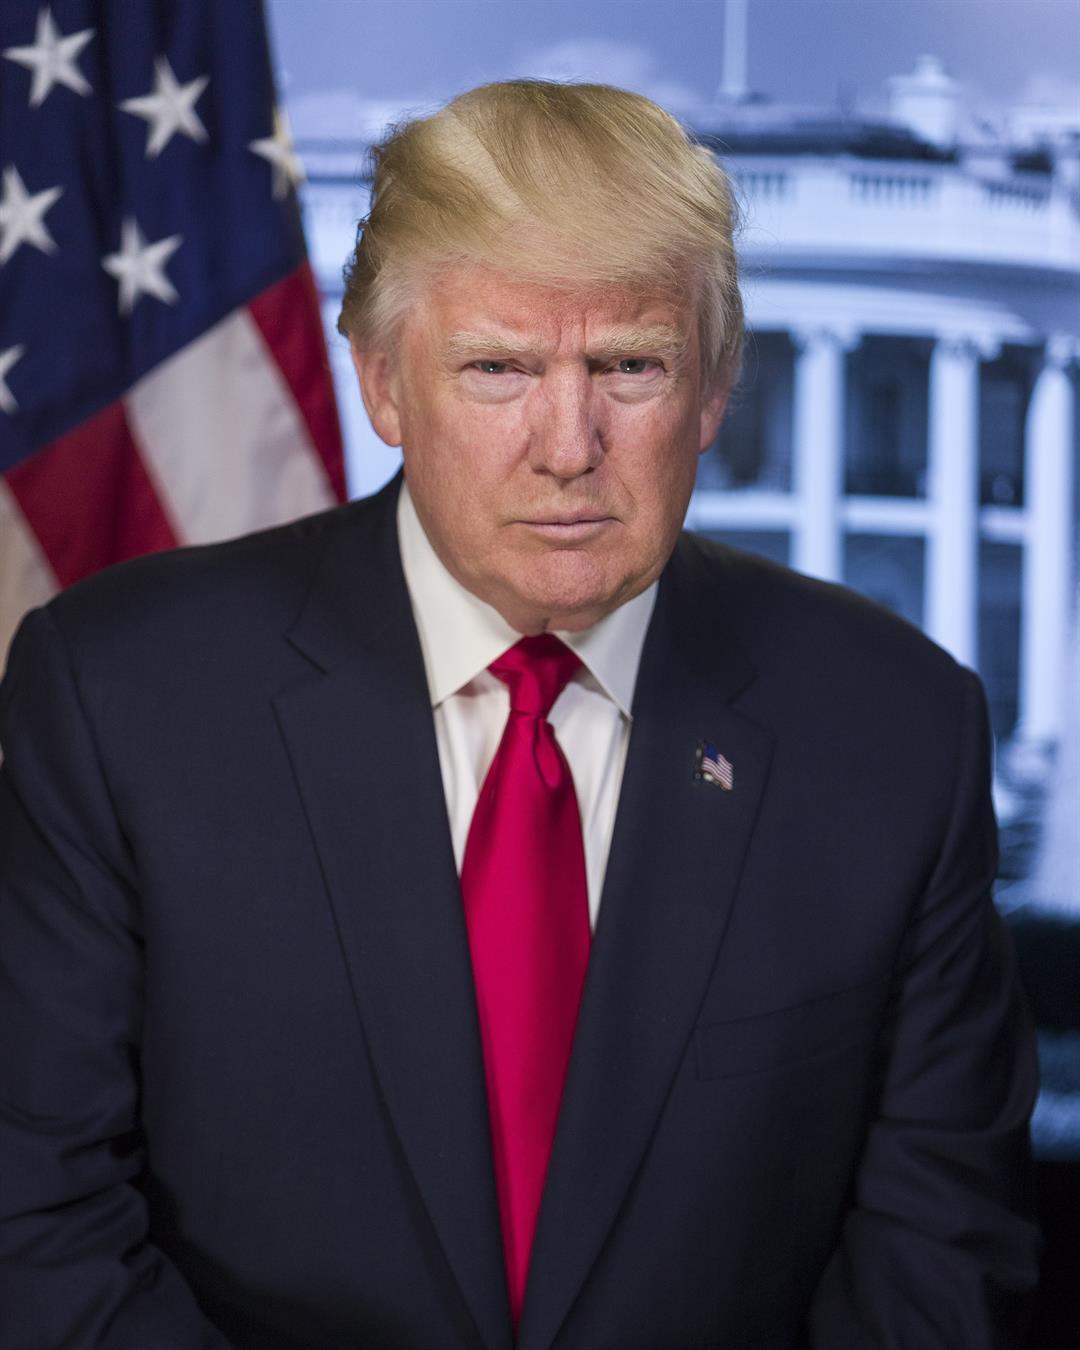 Trump pushes public works agenda, health care on Ohio visit